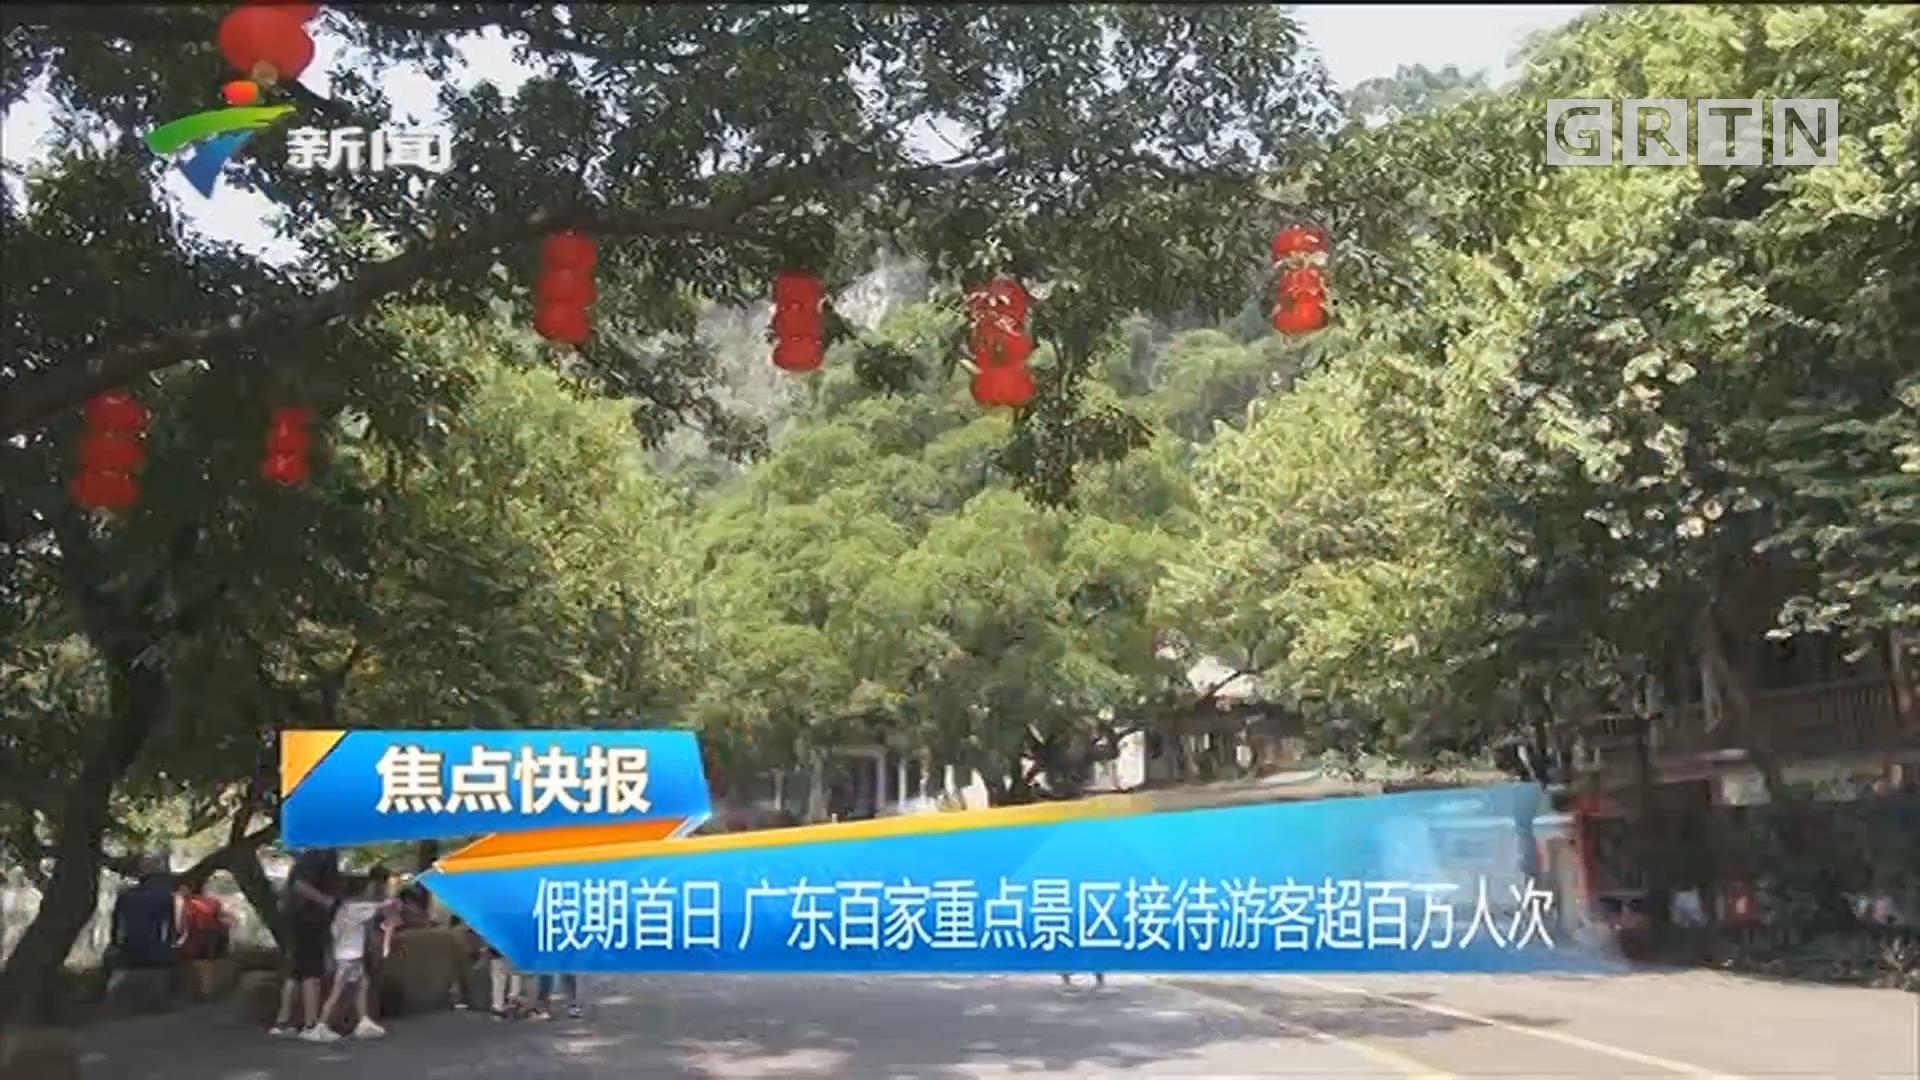 假期首日 广东百家重点景区接待游客超百万人次